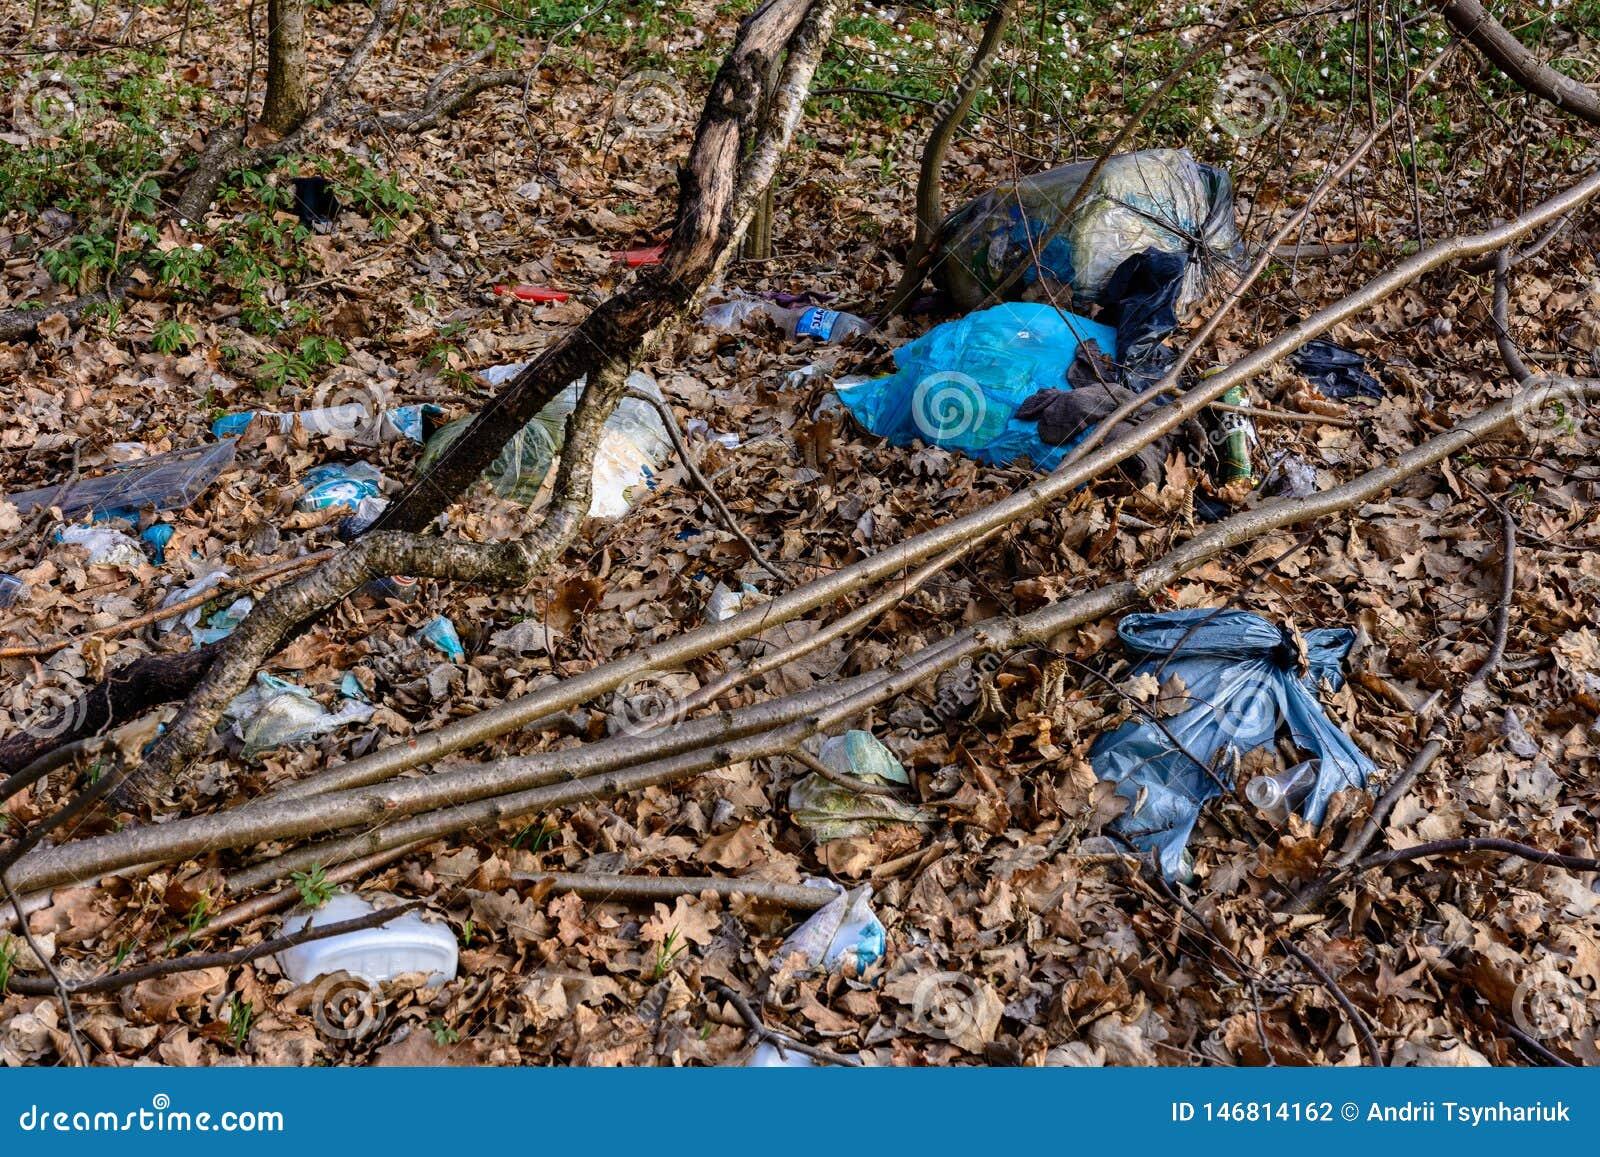 Hojas modernas de la civilizaci?n detr?s de las monta?as y de los montones enormes de la basura, que cubre la ecolog?a de bosques